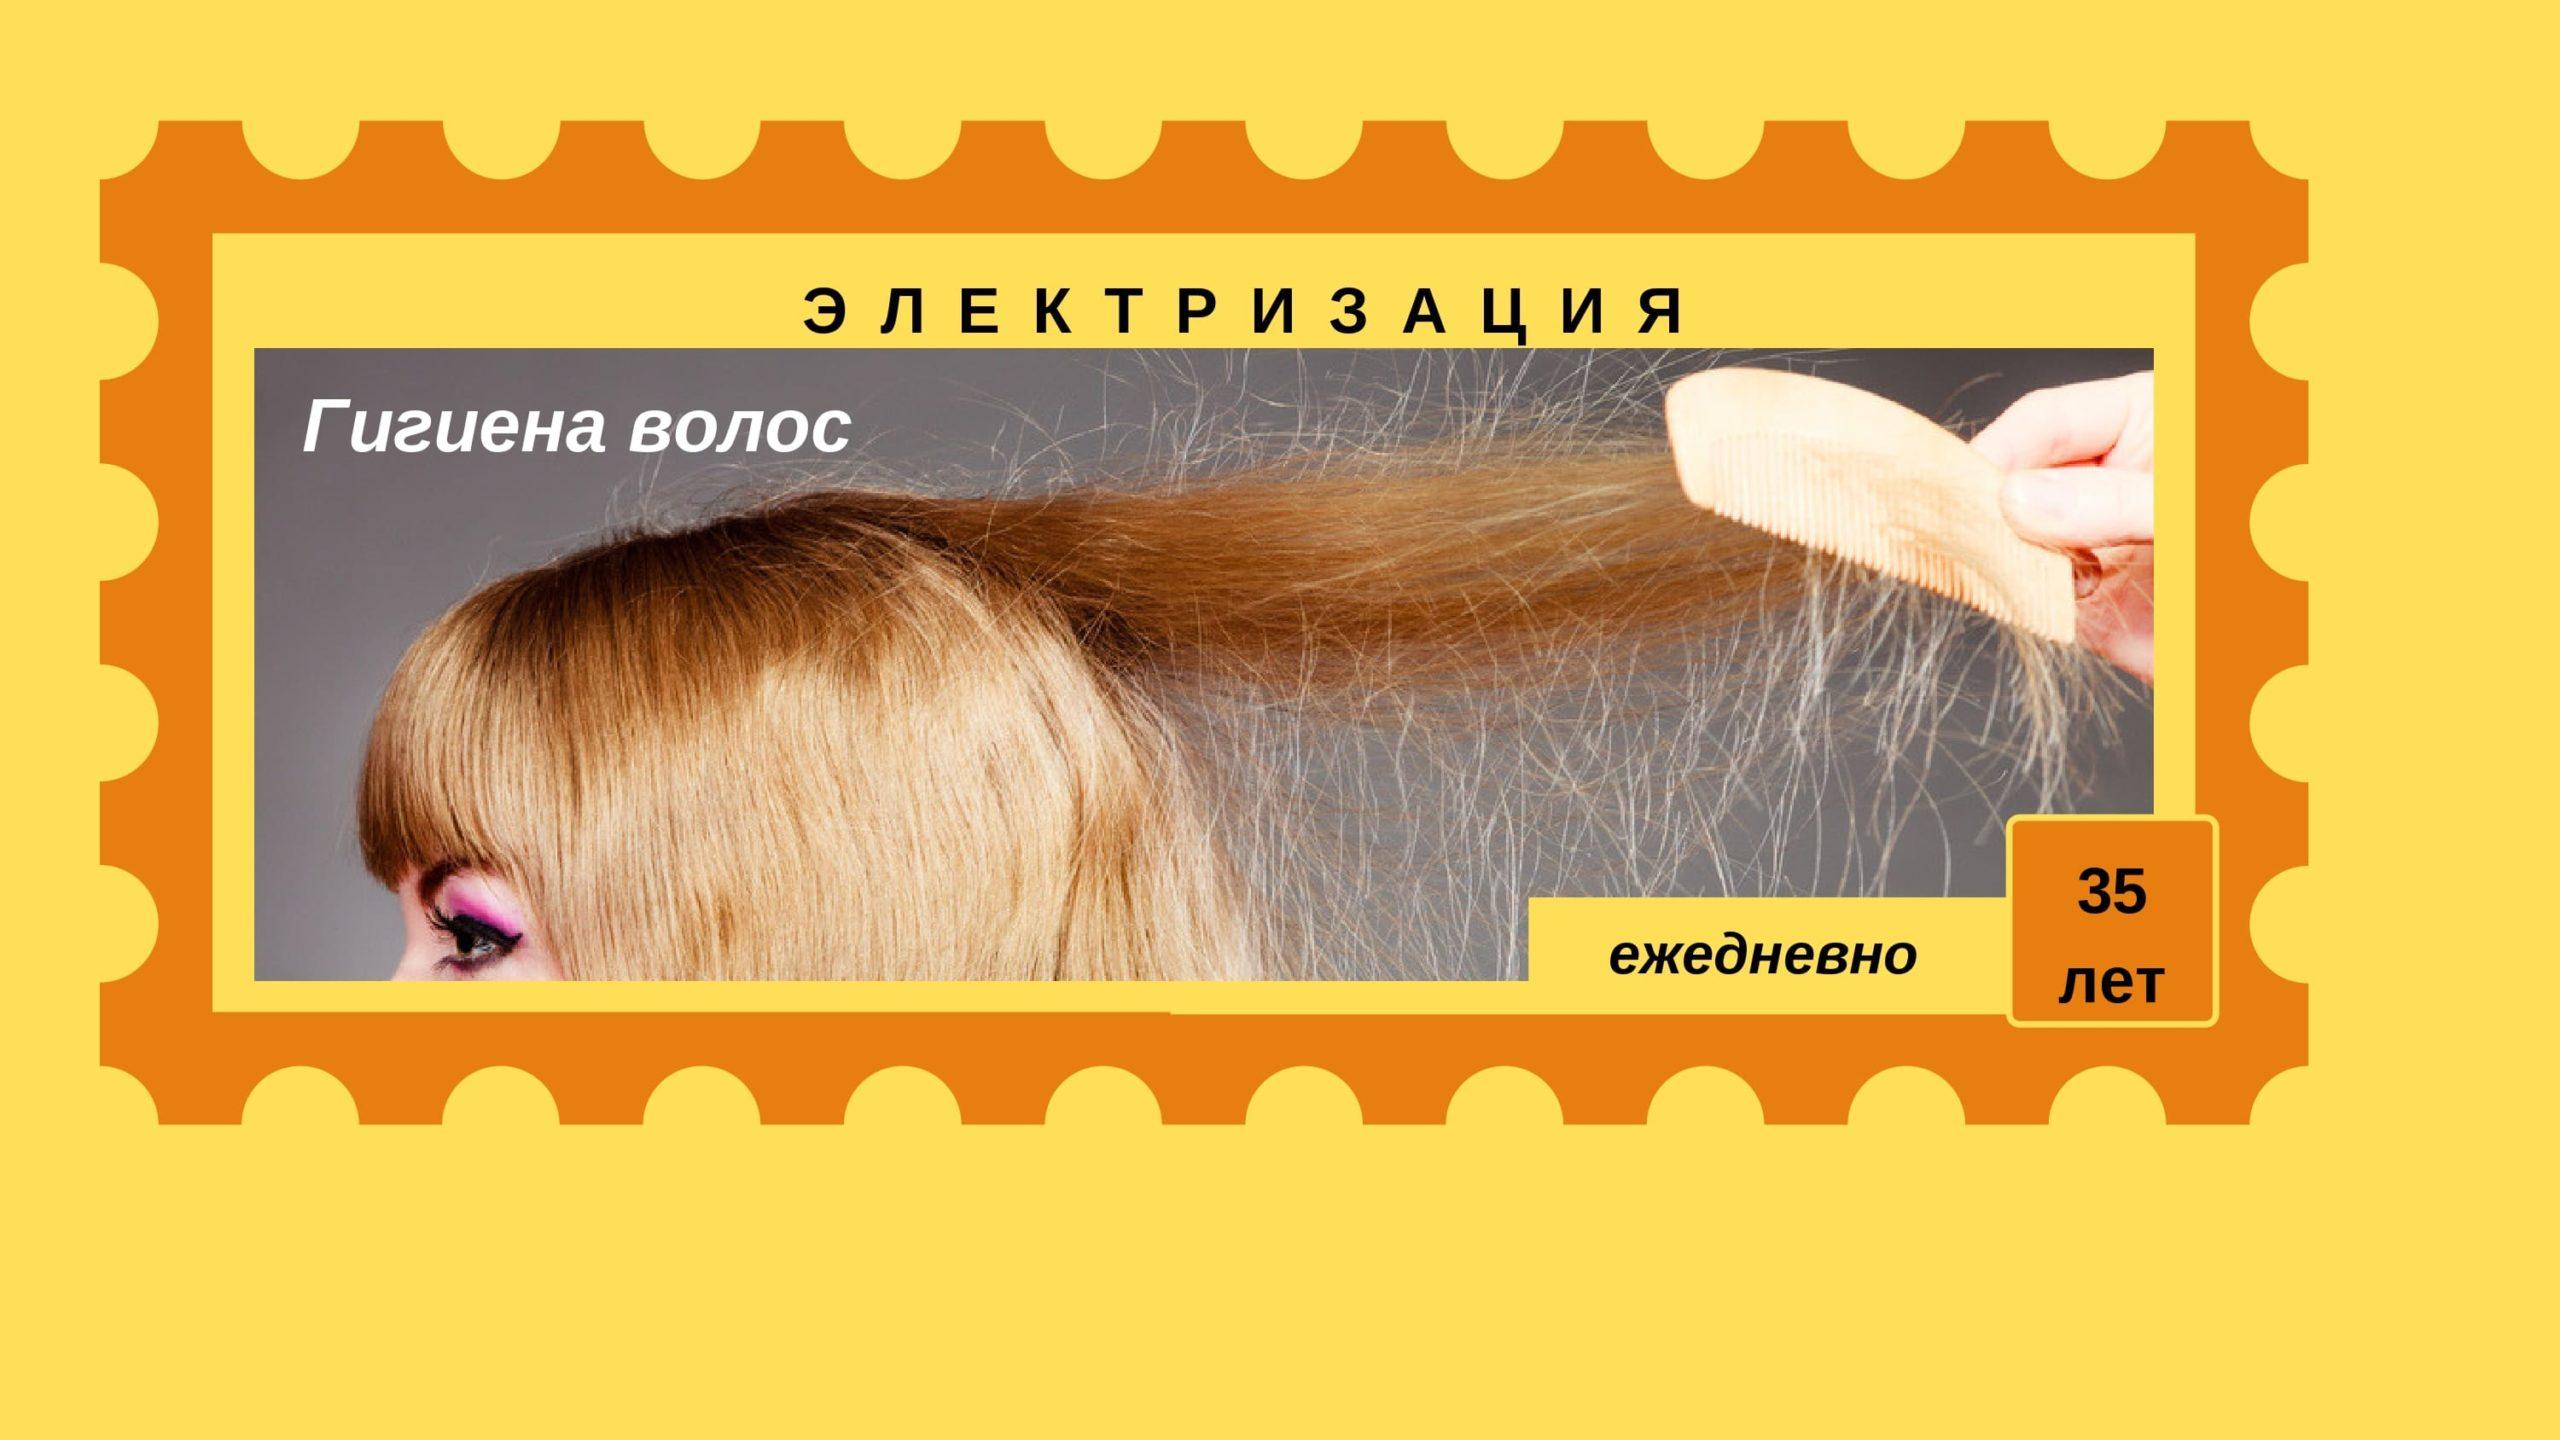 Электризация - гигиена волос